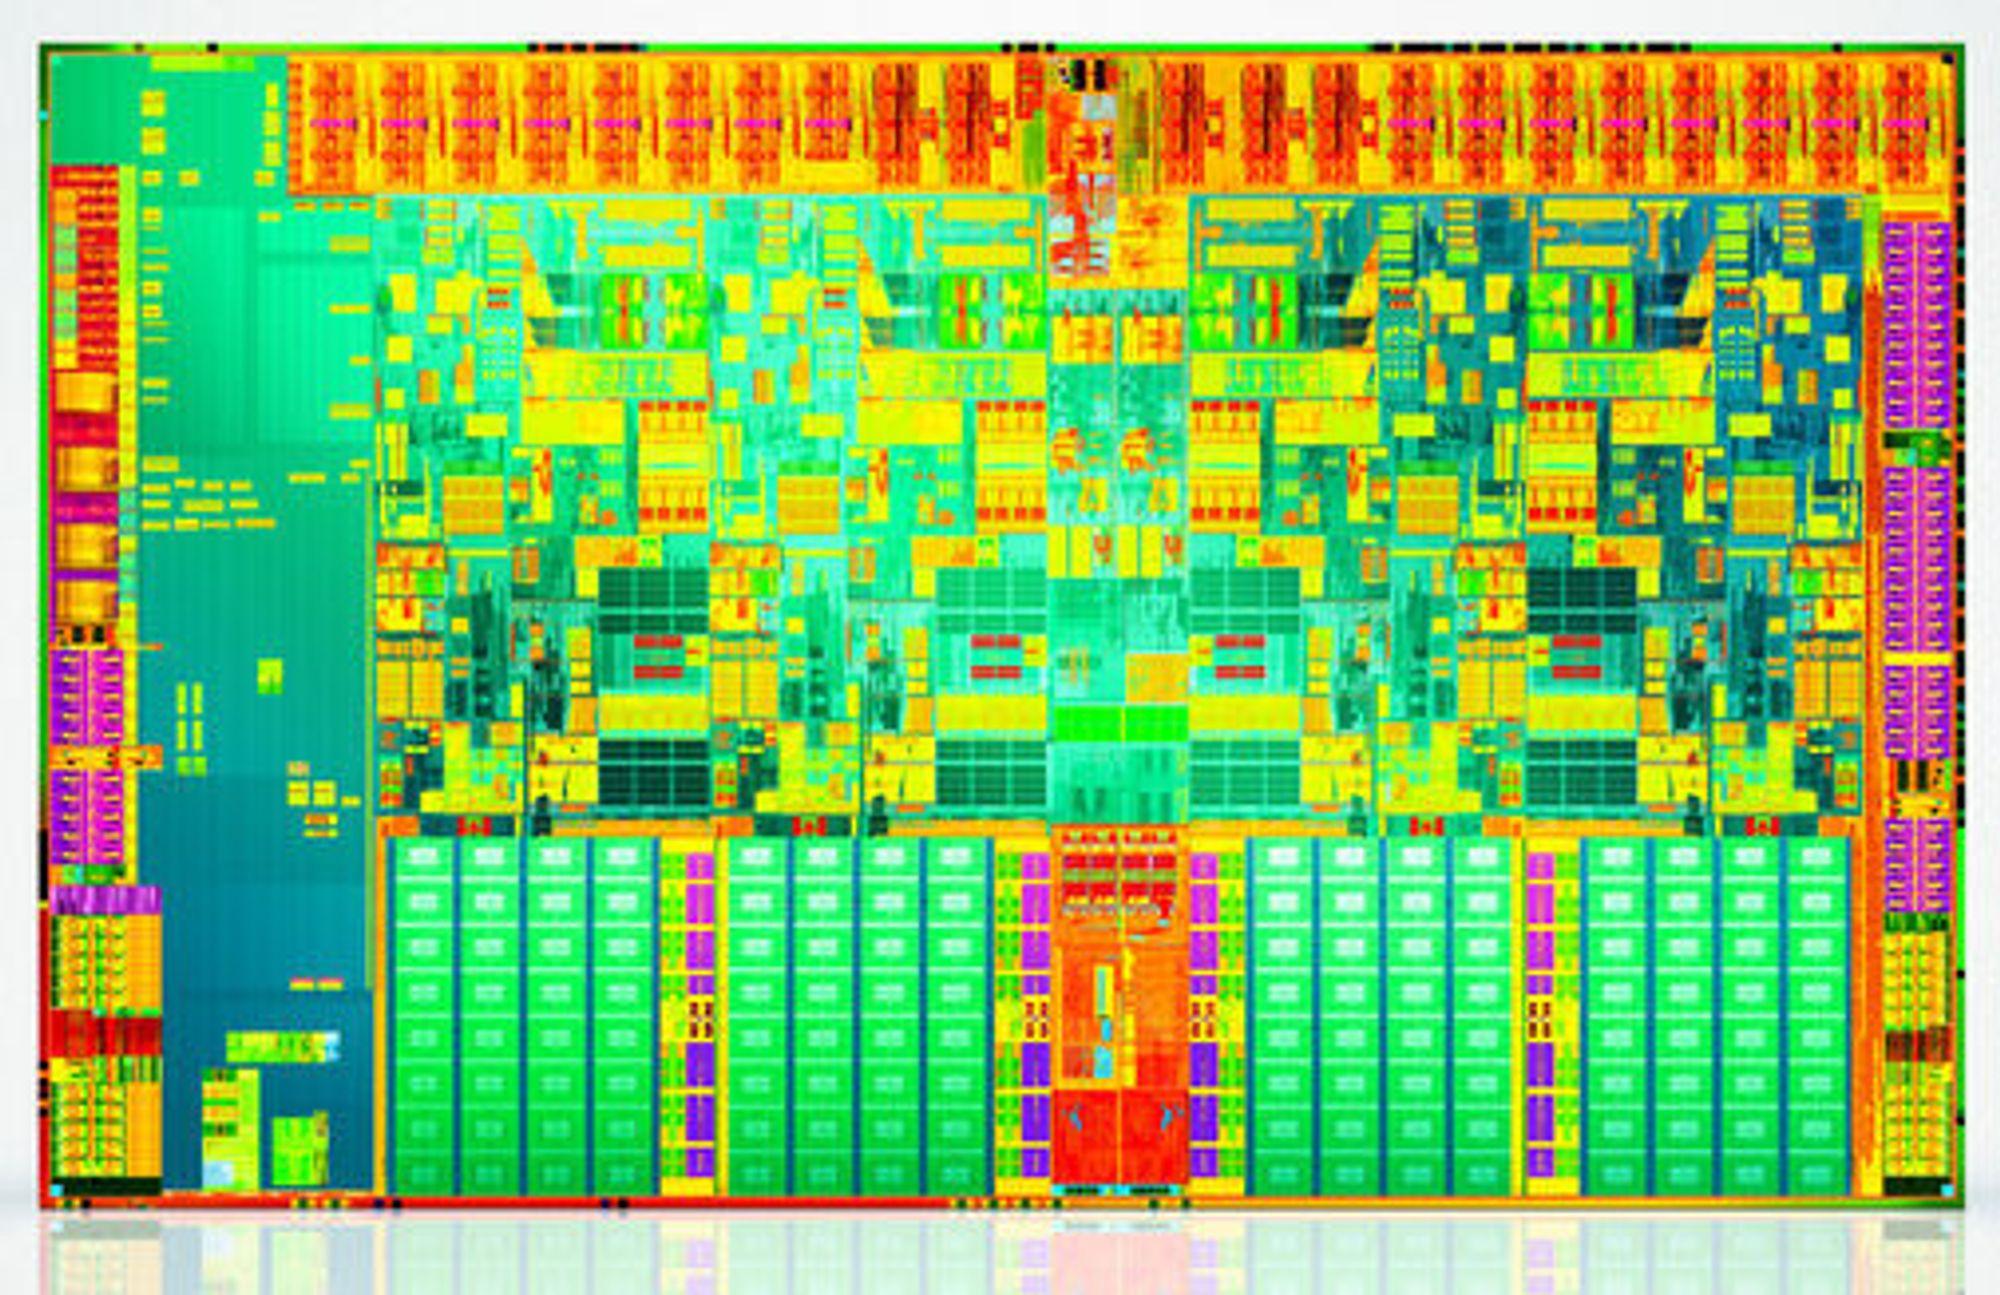 Innmaten i Jasper Forest-baserte Xeon-prosessor